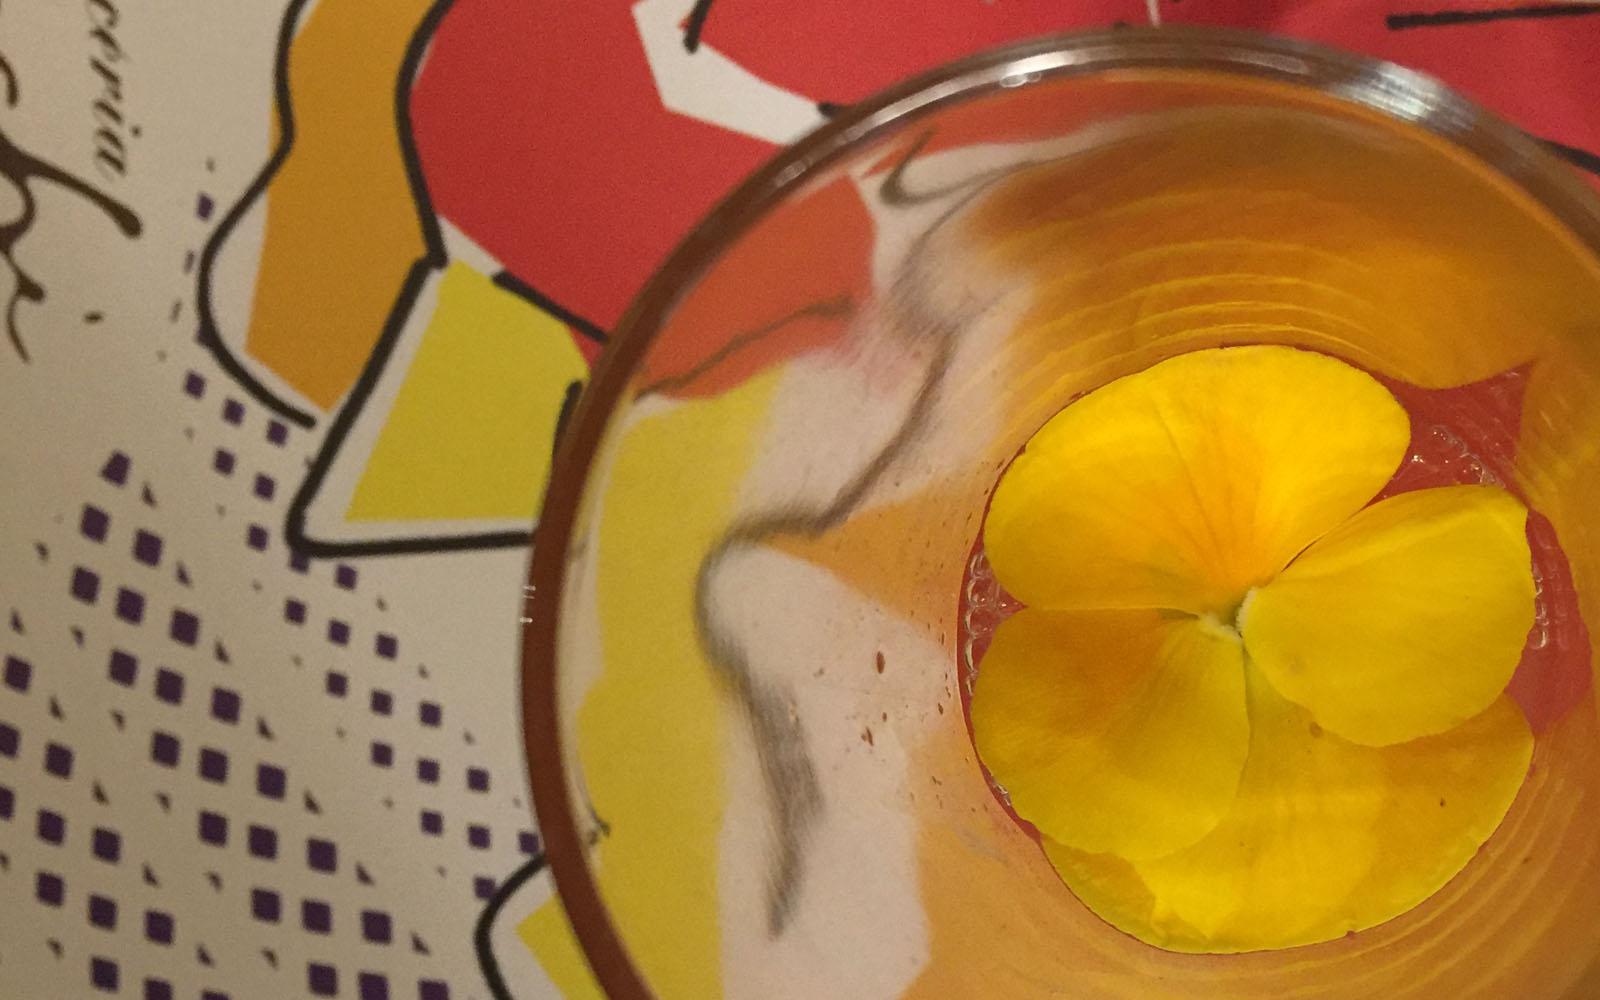 Un creativo cocktail con fiore, nella pasticceria Cucchi a Milano.